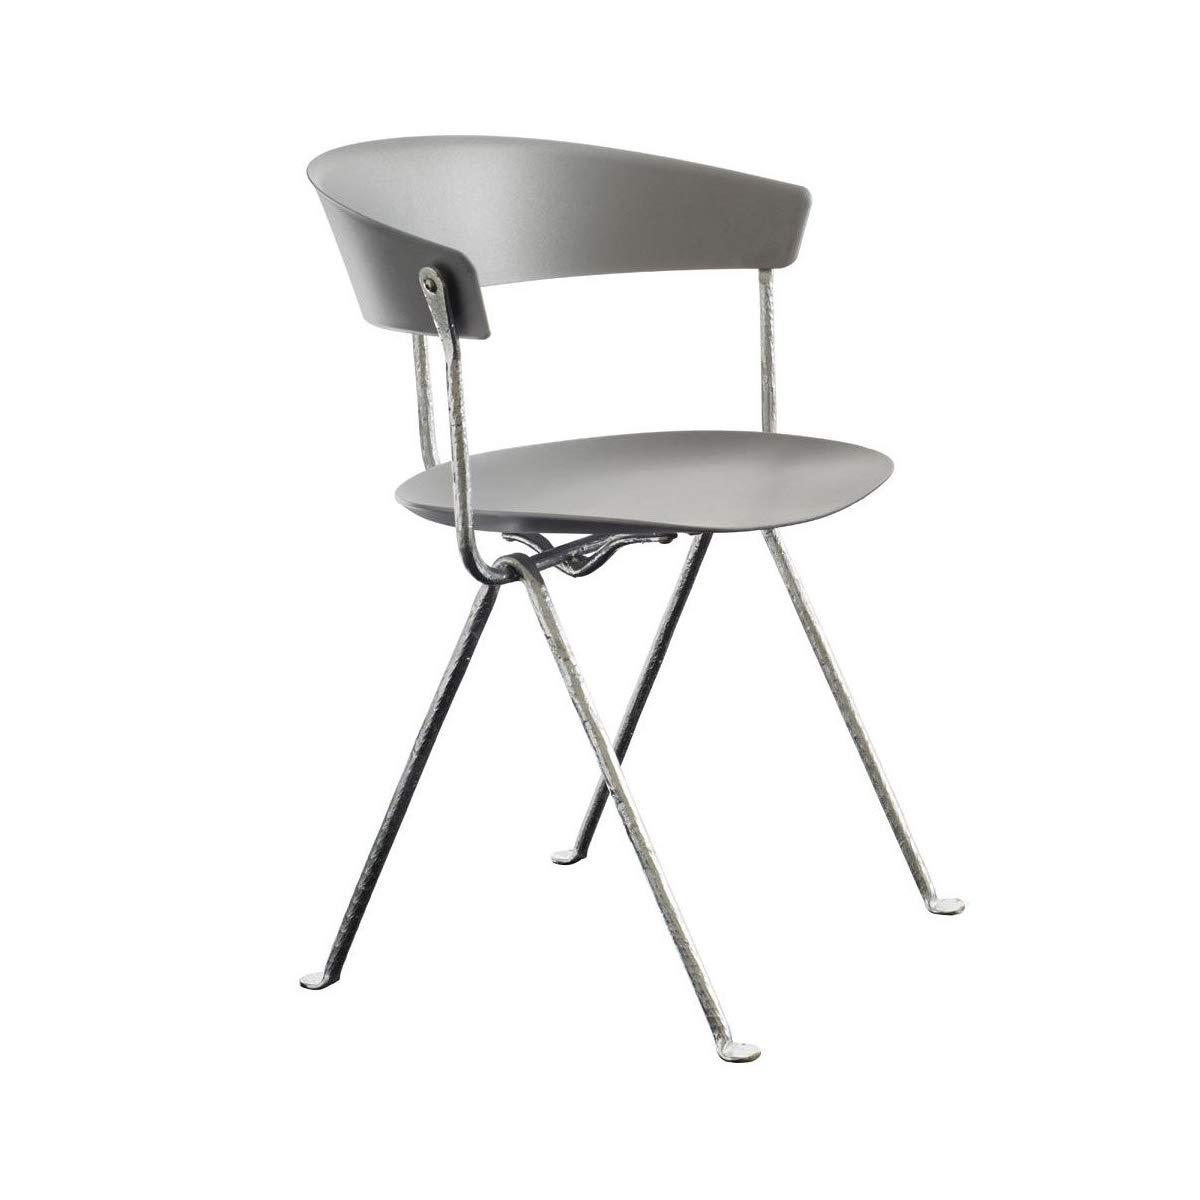 Amazon.com: Magis Officina - Silla metálica, color gris ...